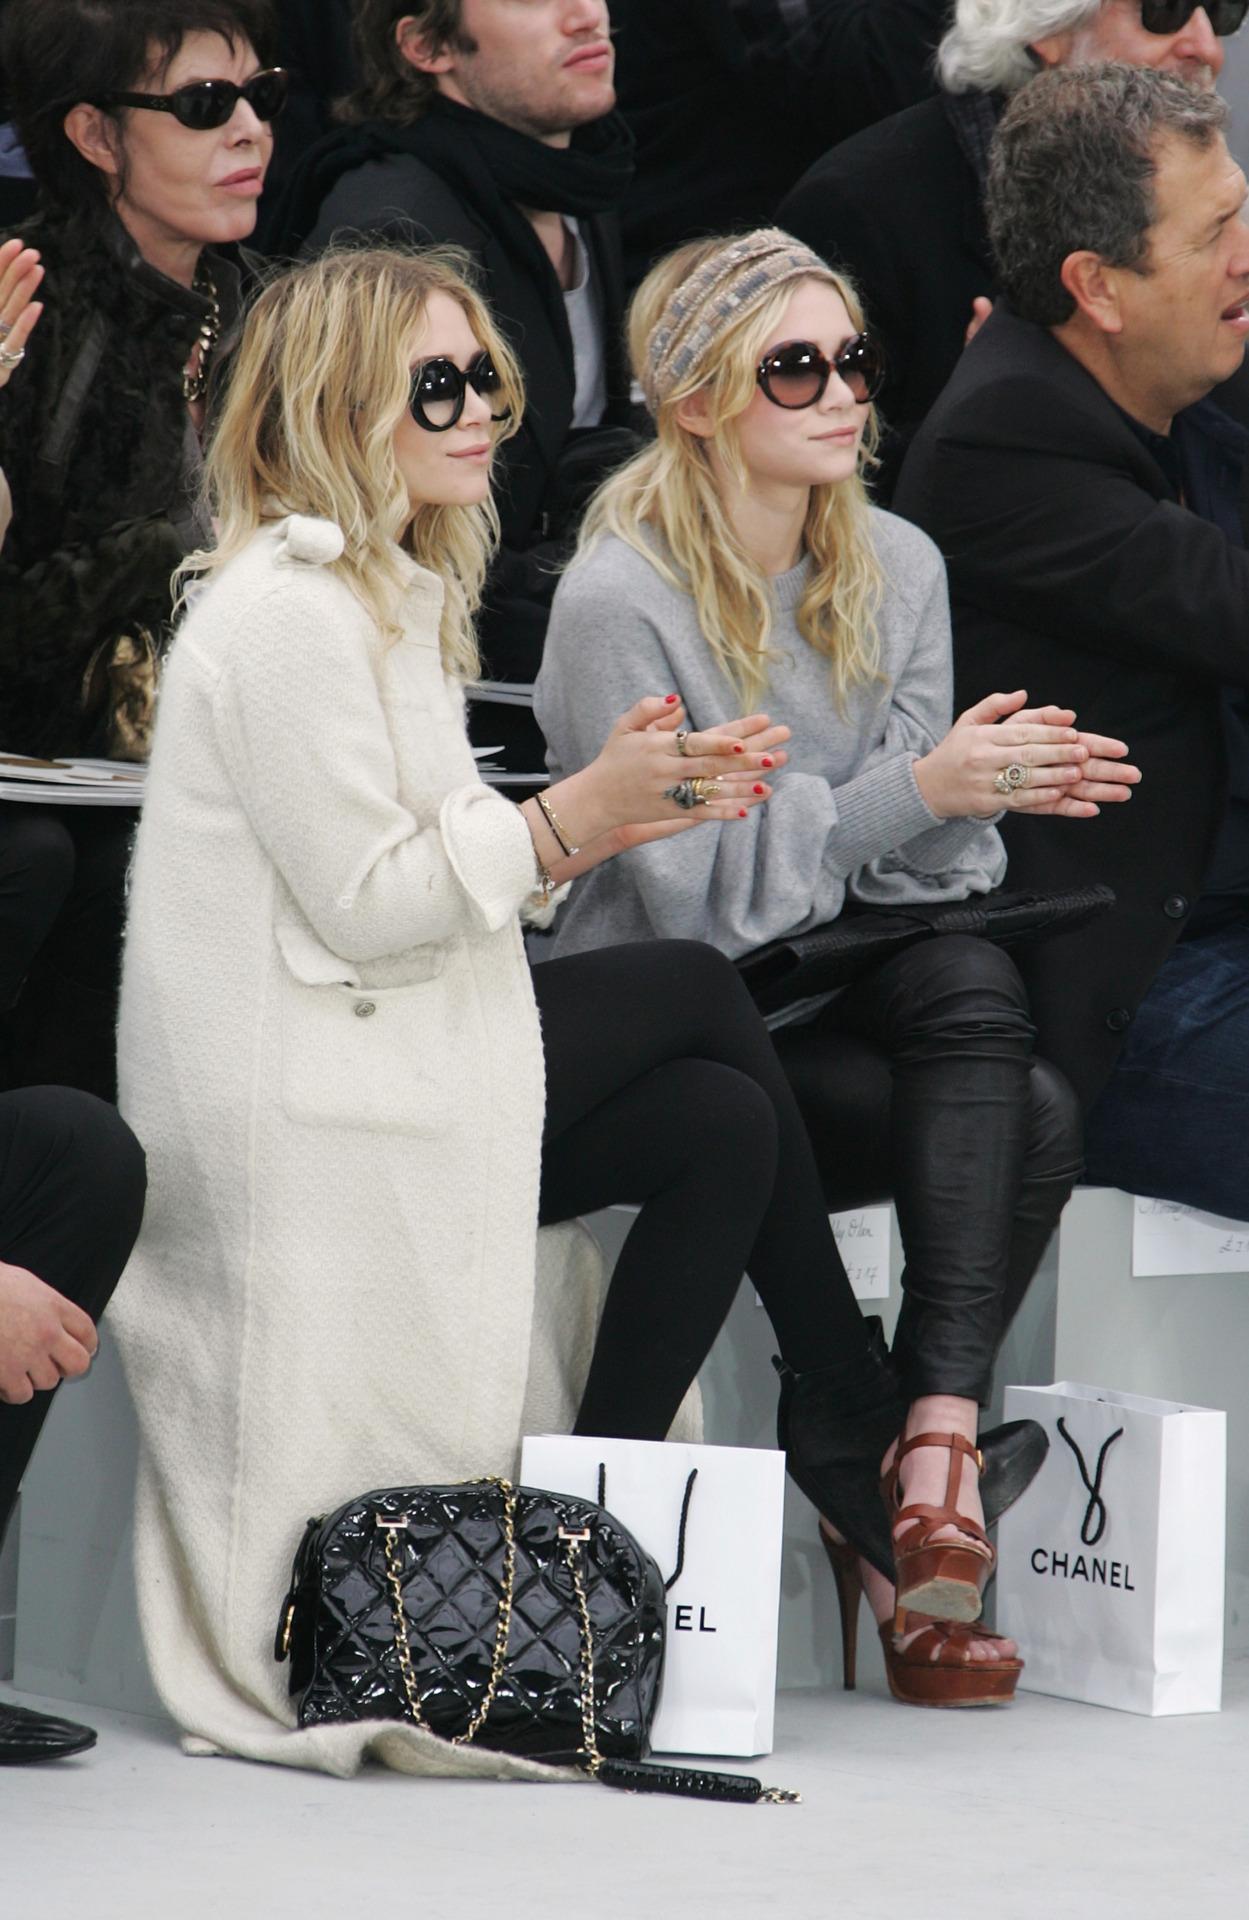 Mary Kate Olsen Ashley Olsen At Chanel Belighter